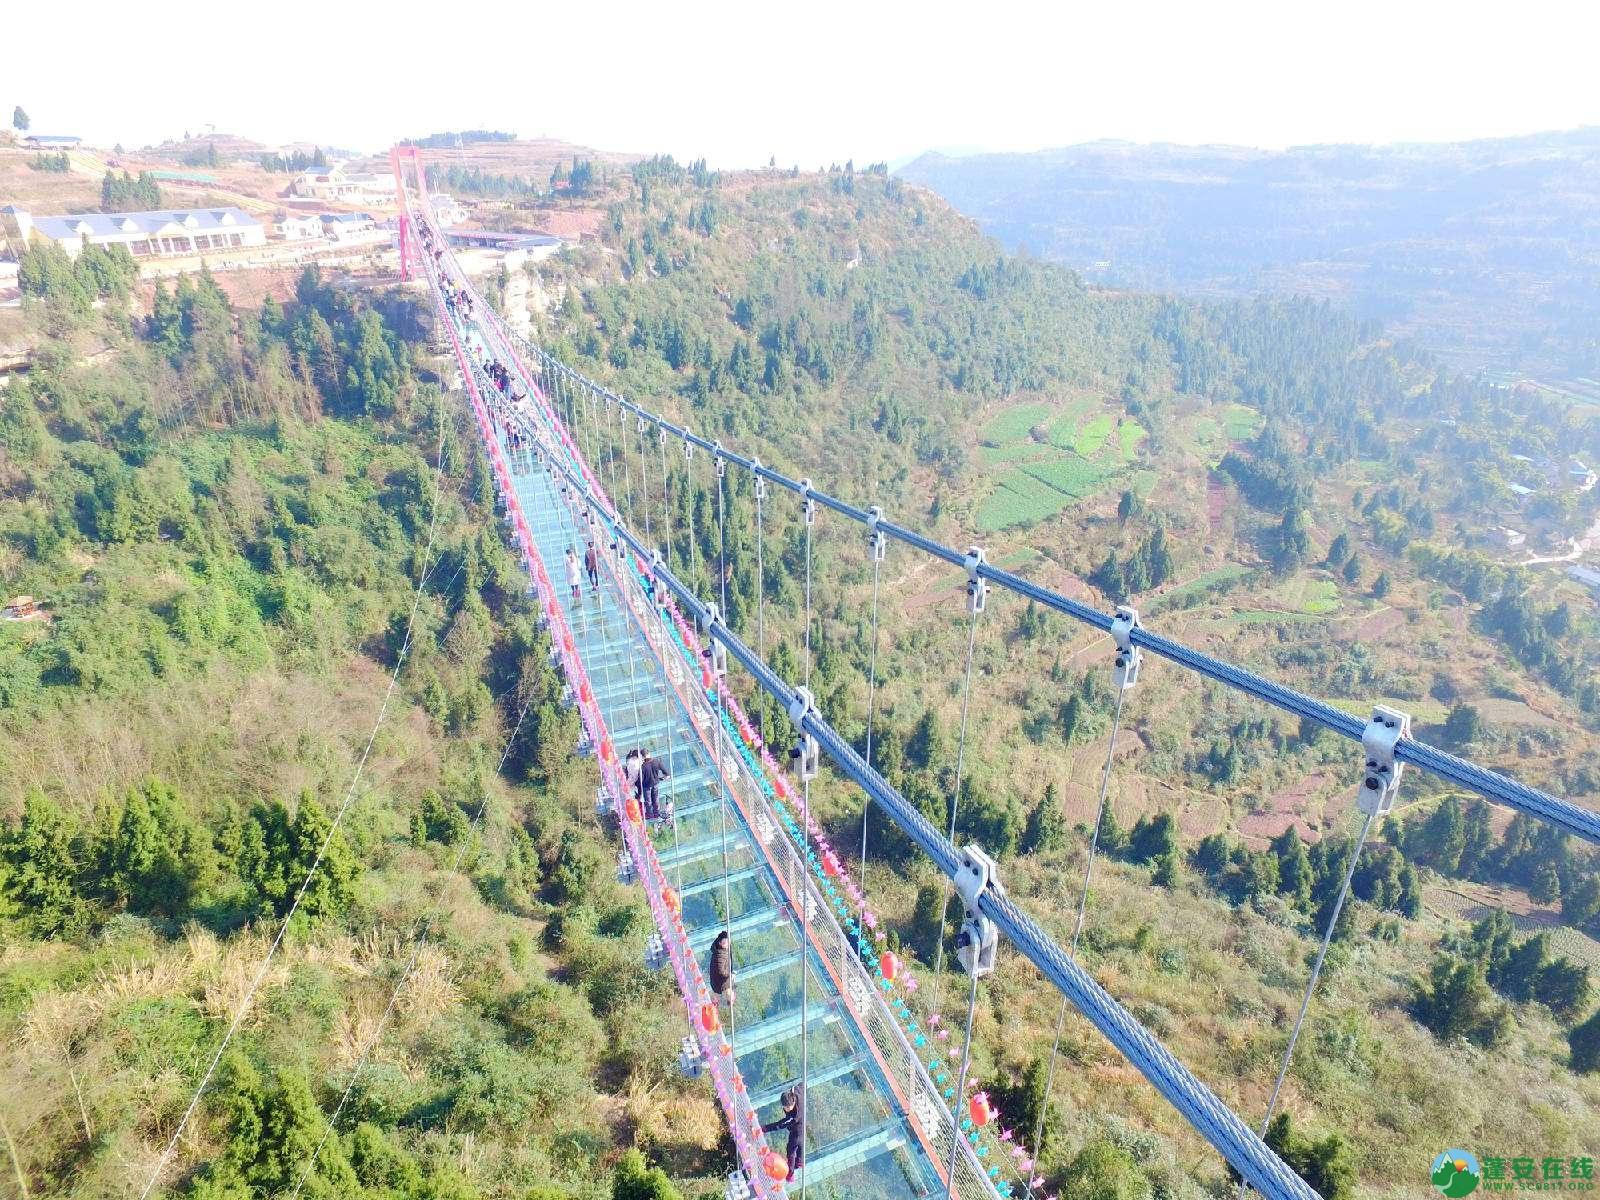 蓬安县正源镇红豆村首个悬空玻璃吊桥正式开放 - 第3张  | 蓬安在线